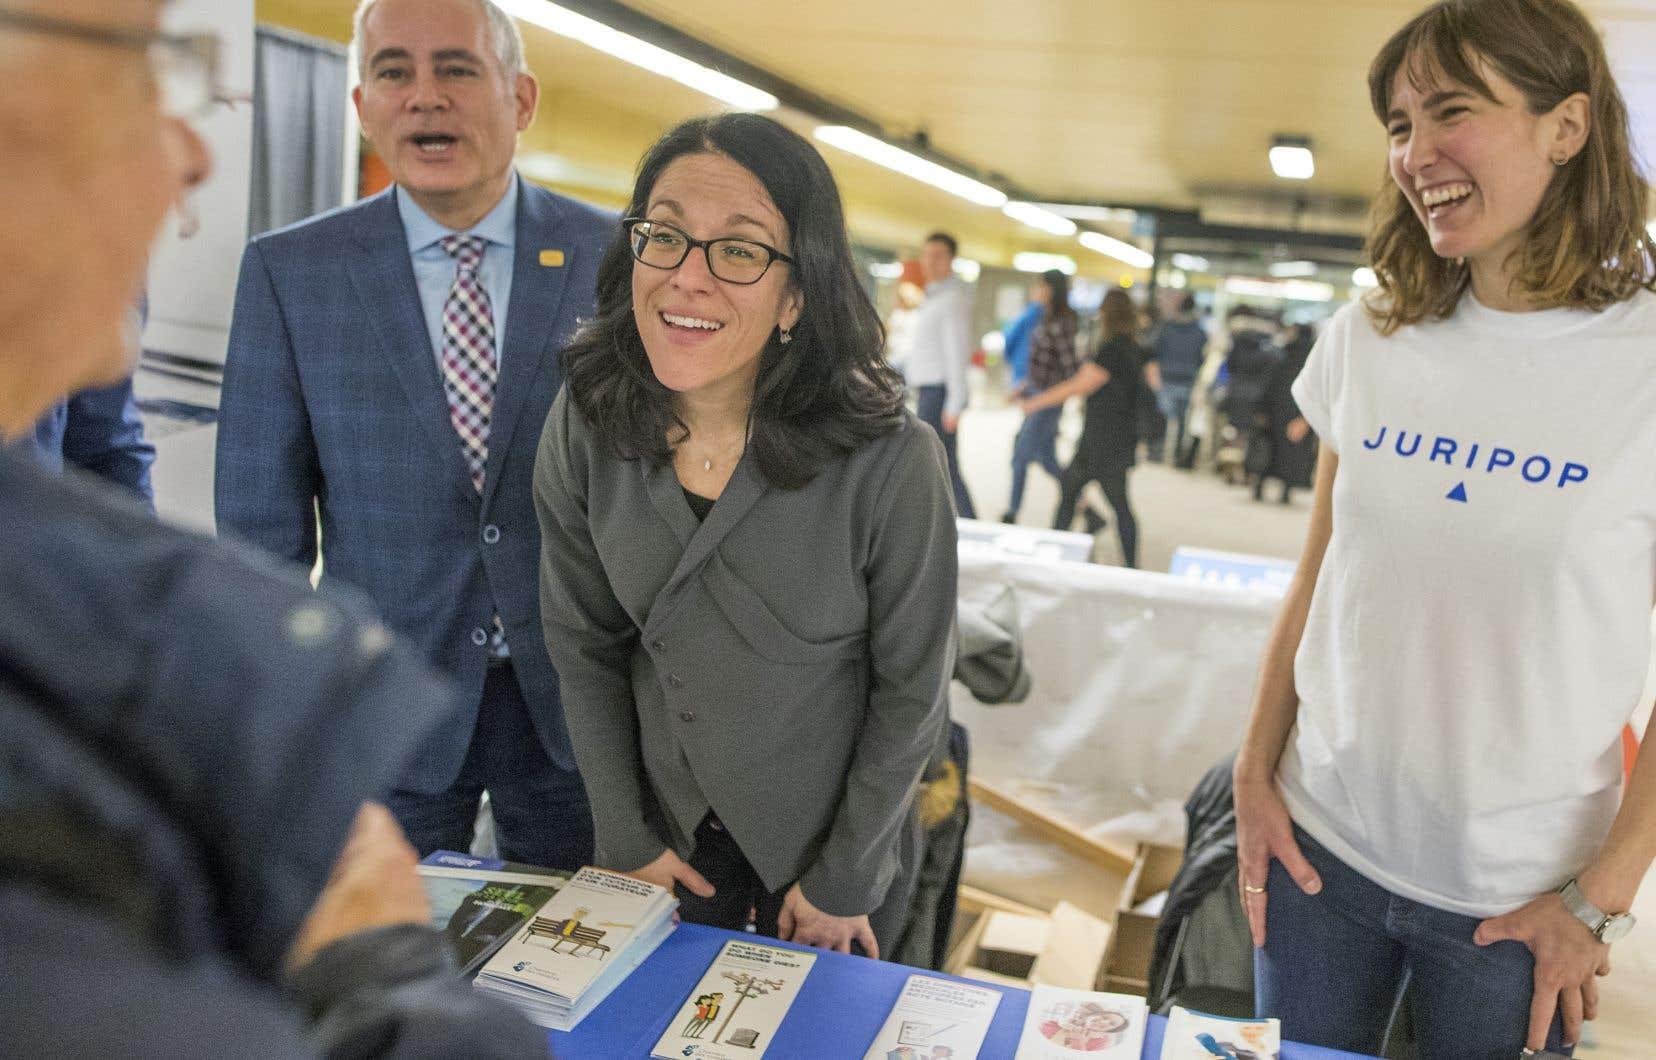 Pour la première fois, une ministre de la Justice s'était déplacée dans le métro pour soutenir l'initiative. Sur la photo, Sonia Lebel (au centre) en compagnie de la directrice générale de l'organisme Juripop,Sophie Gagnon (à droite).